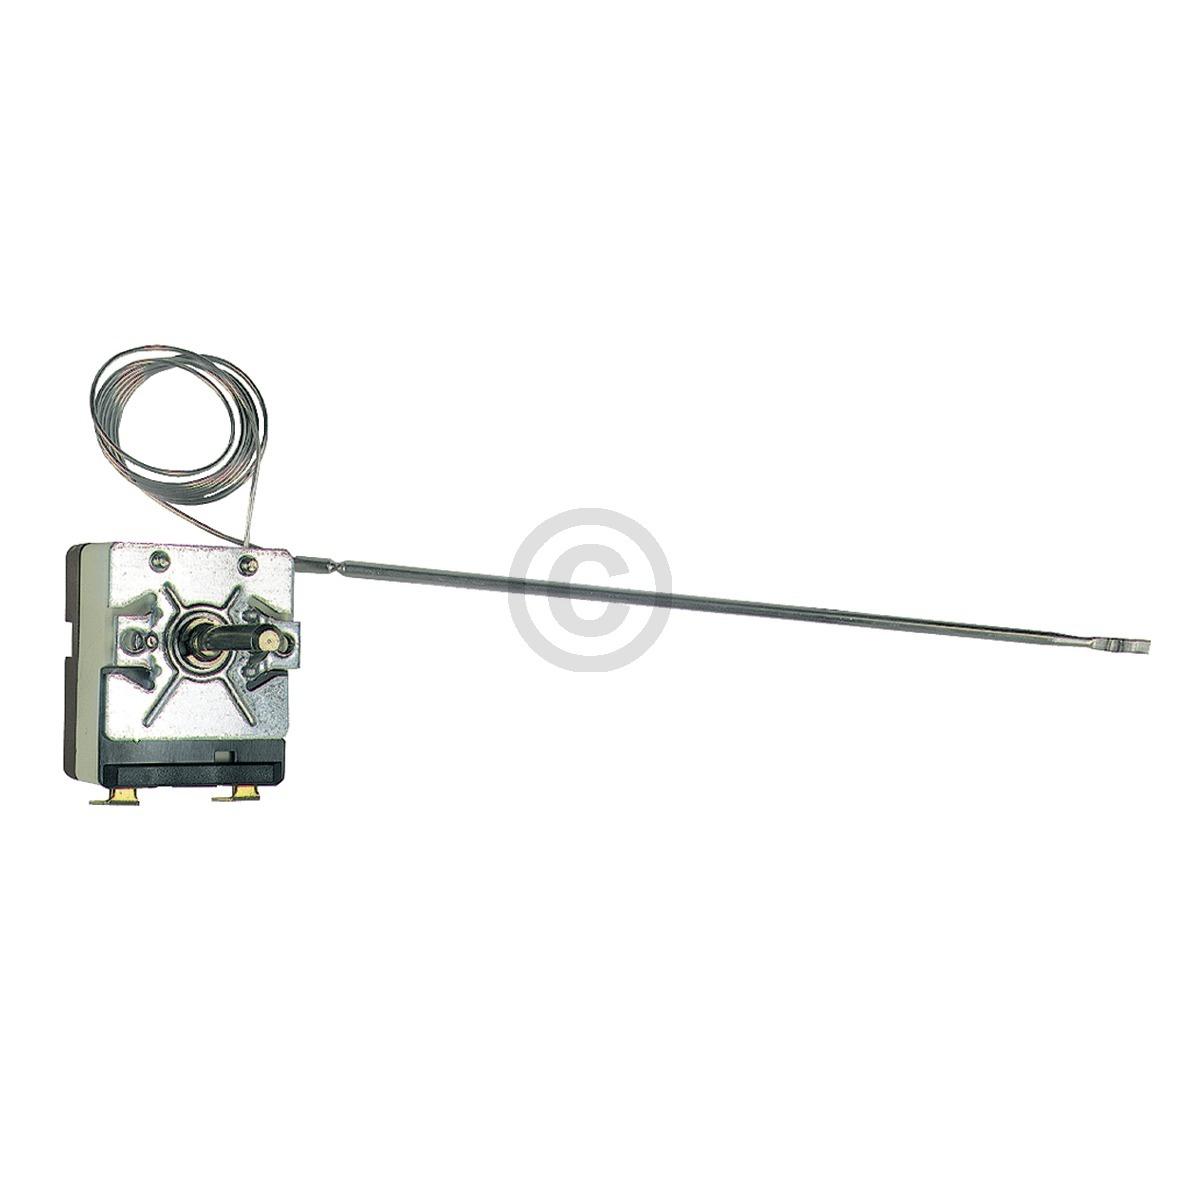 Thermostat 50-320° 55.13069.500 EGO Bosch, Siemens, Neff, Bauknecht, Whirlpool,